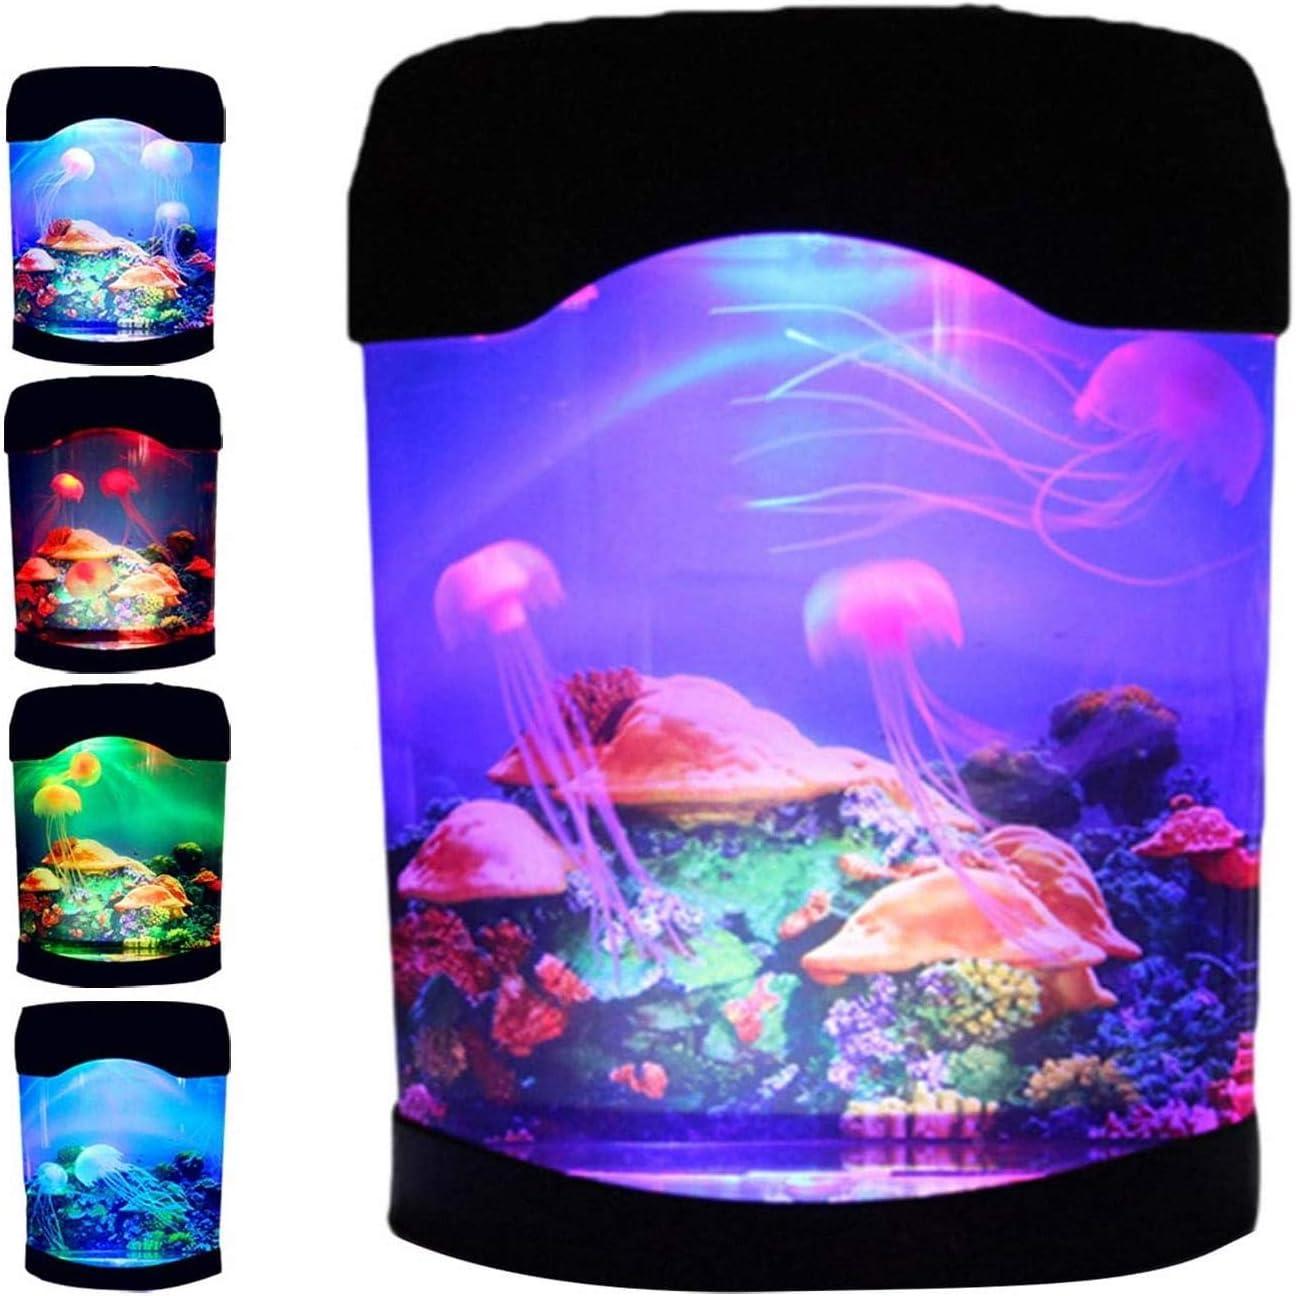 Lámpara de medusas con 7 colores cambiantes, portátil, lámpara de estado de ánimo, lámpara de lava, lámpara de estado de ánimo, lámpara de lava, carga por USB, luz nocturna para el de oficina en casa